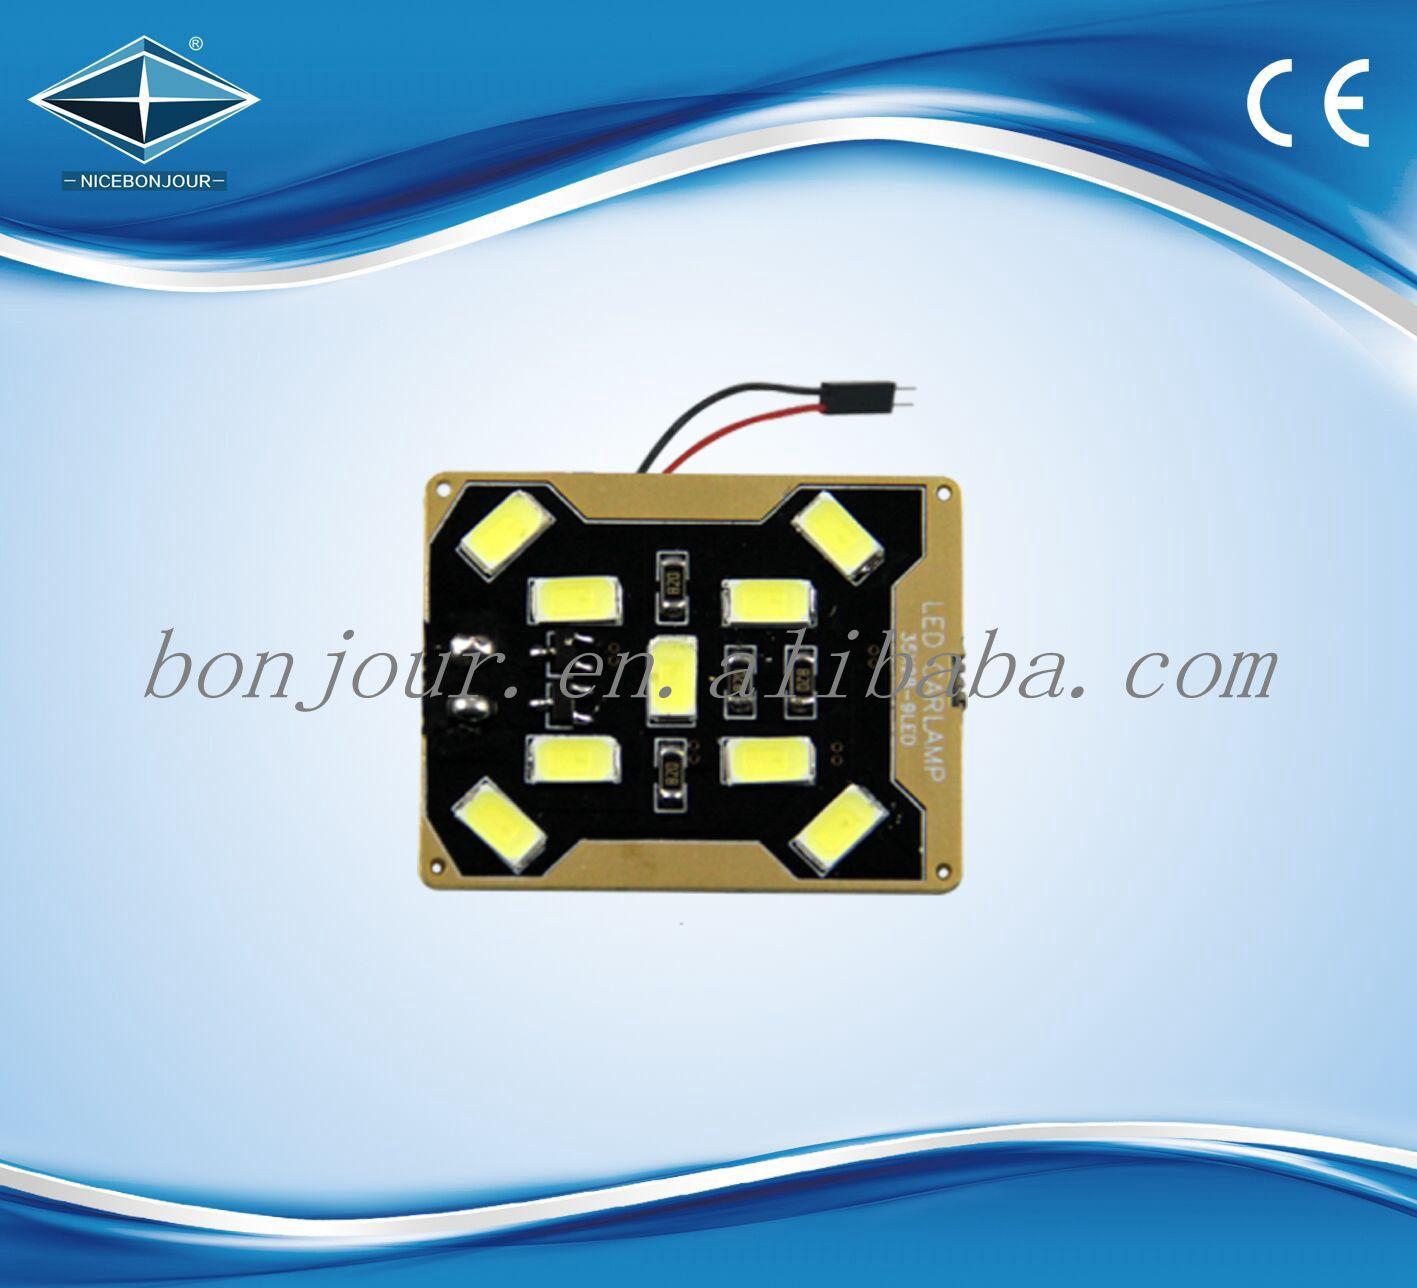 Haute puissance 5730 9 smd LED panneau lumineux plafonnier pour voiture avec adaptateurs optionnels LED T10 festoon ba9s